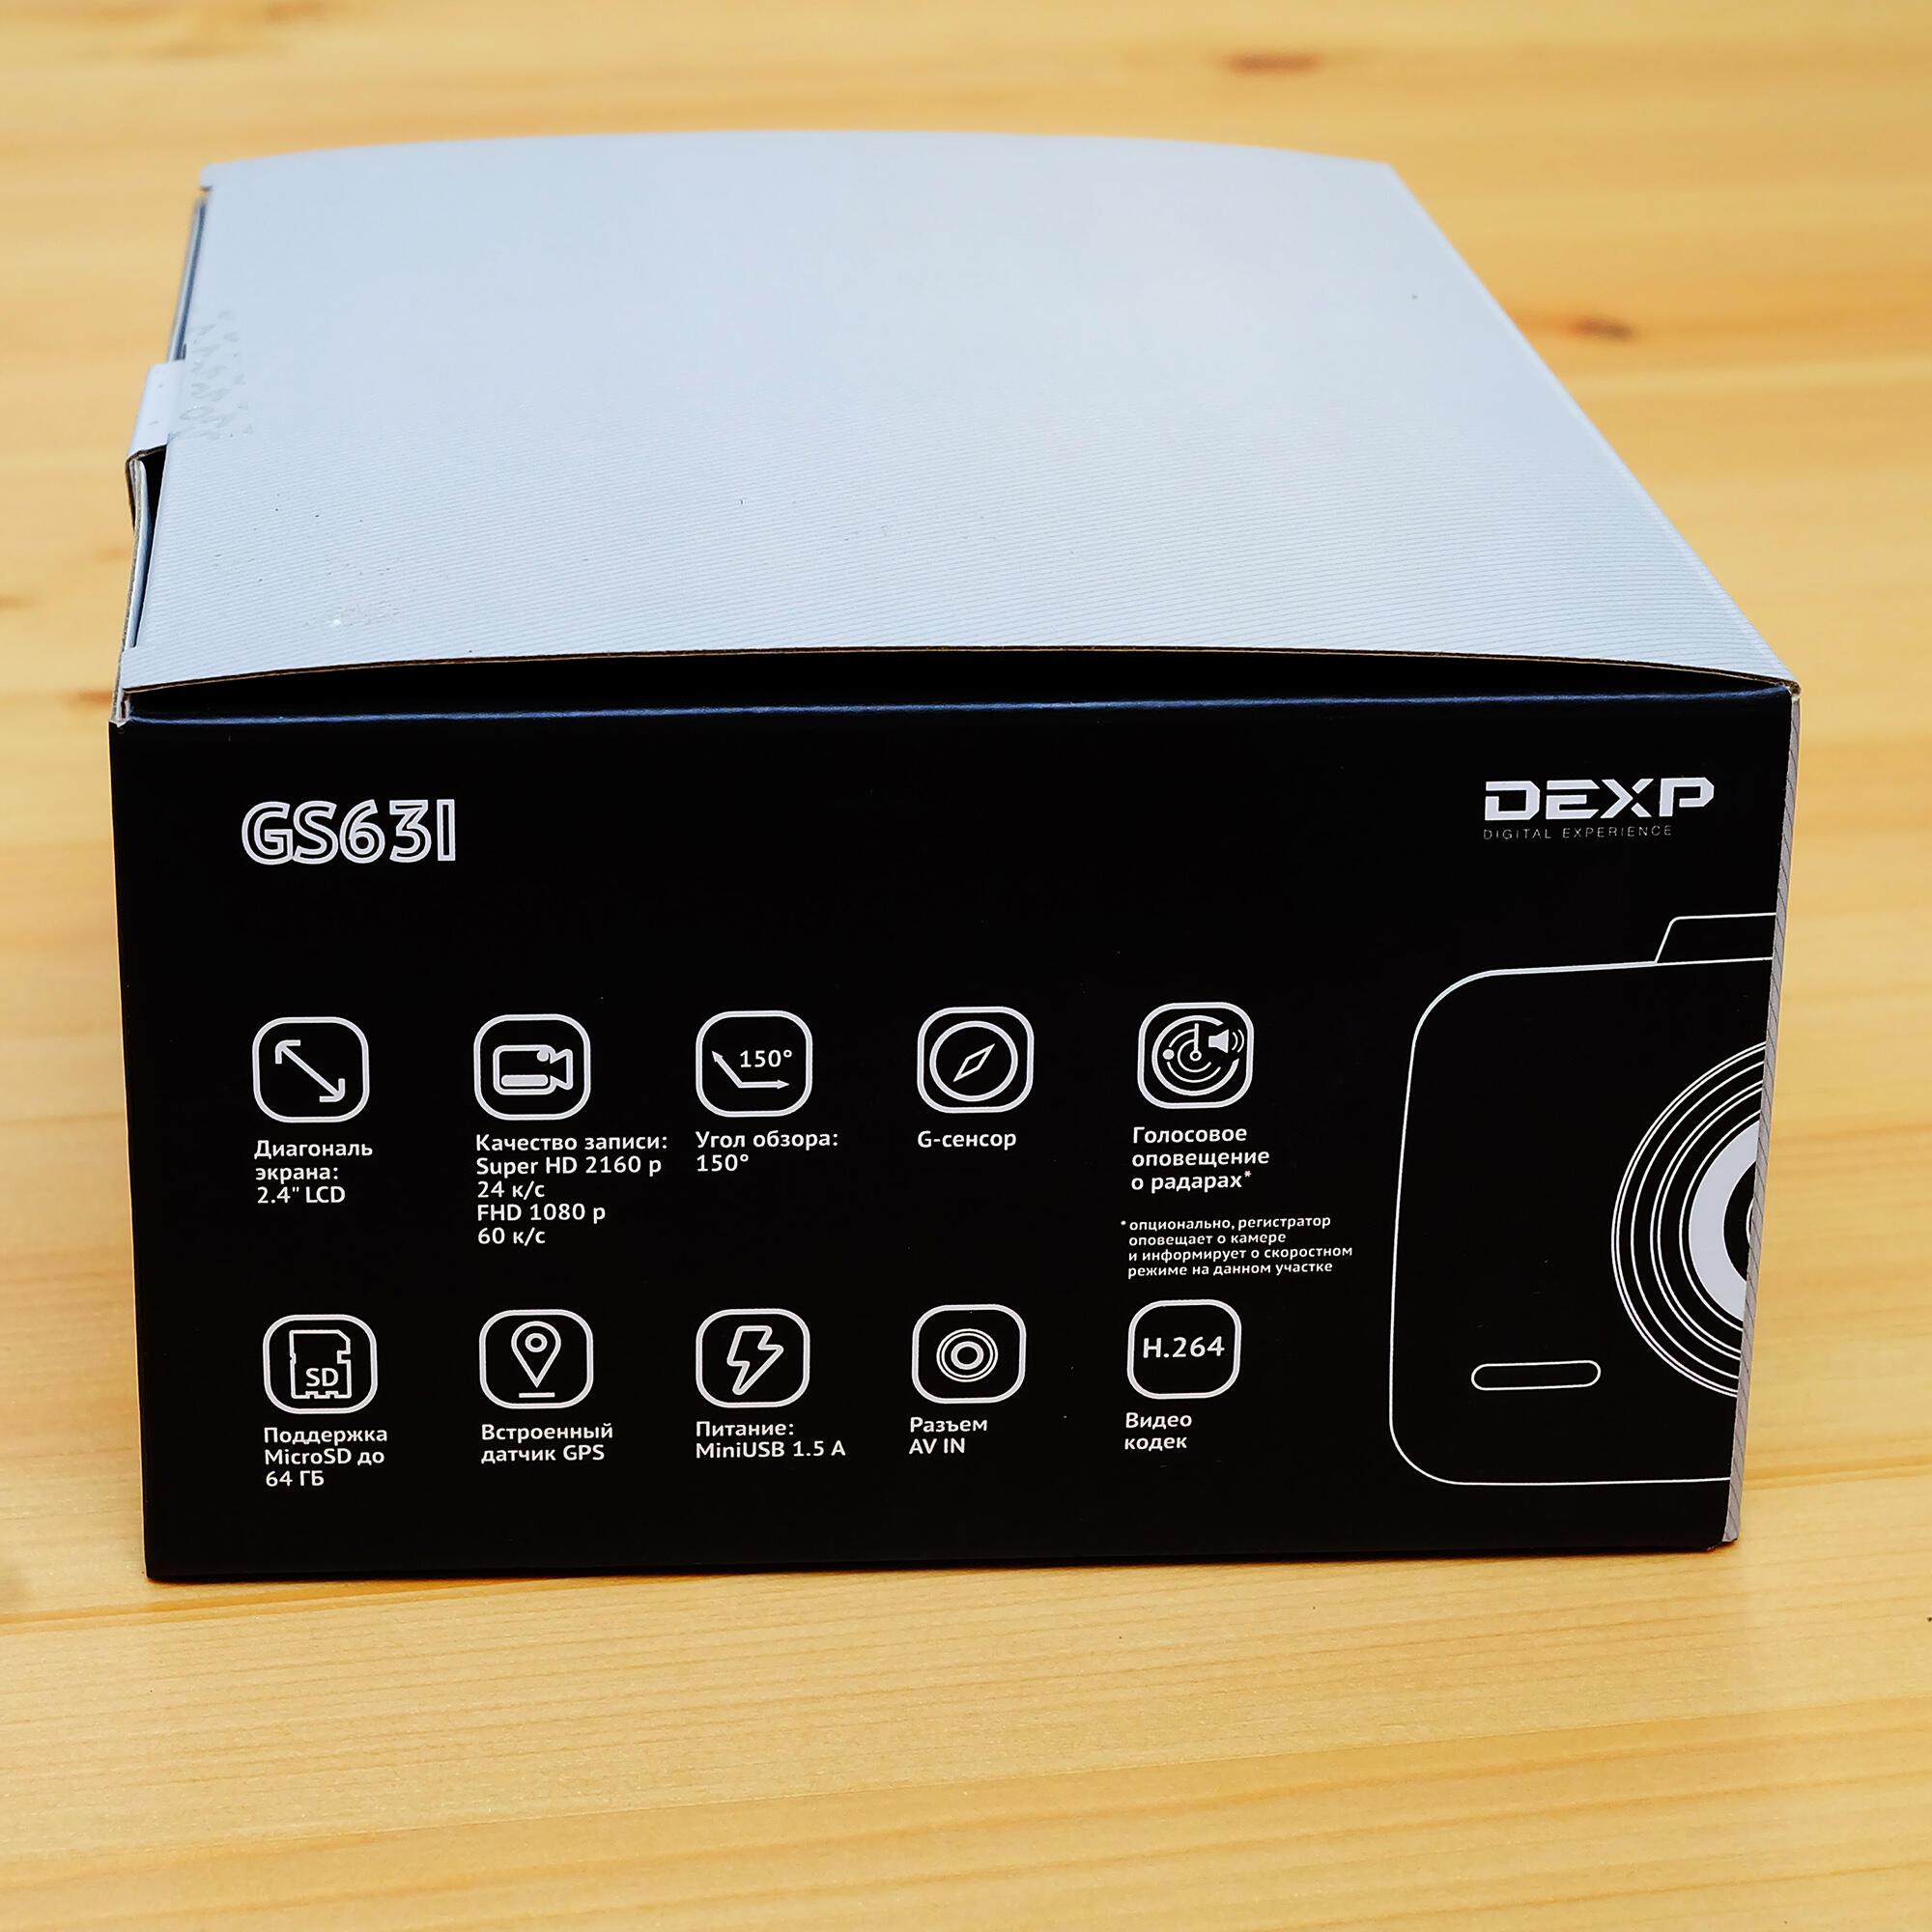 Avtotovary - Obzor avtomobilnogo videoregistratora DEXP GS63I